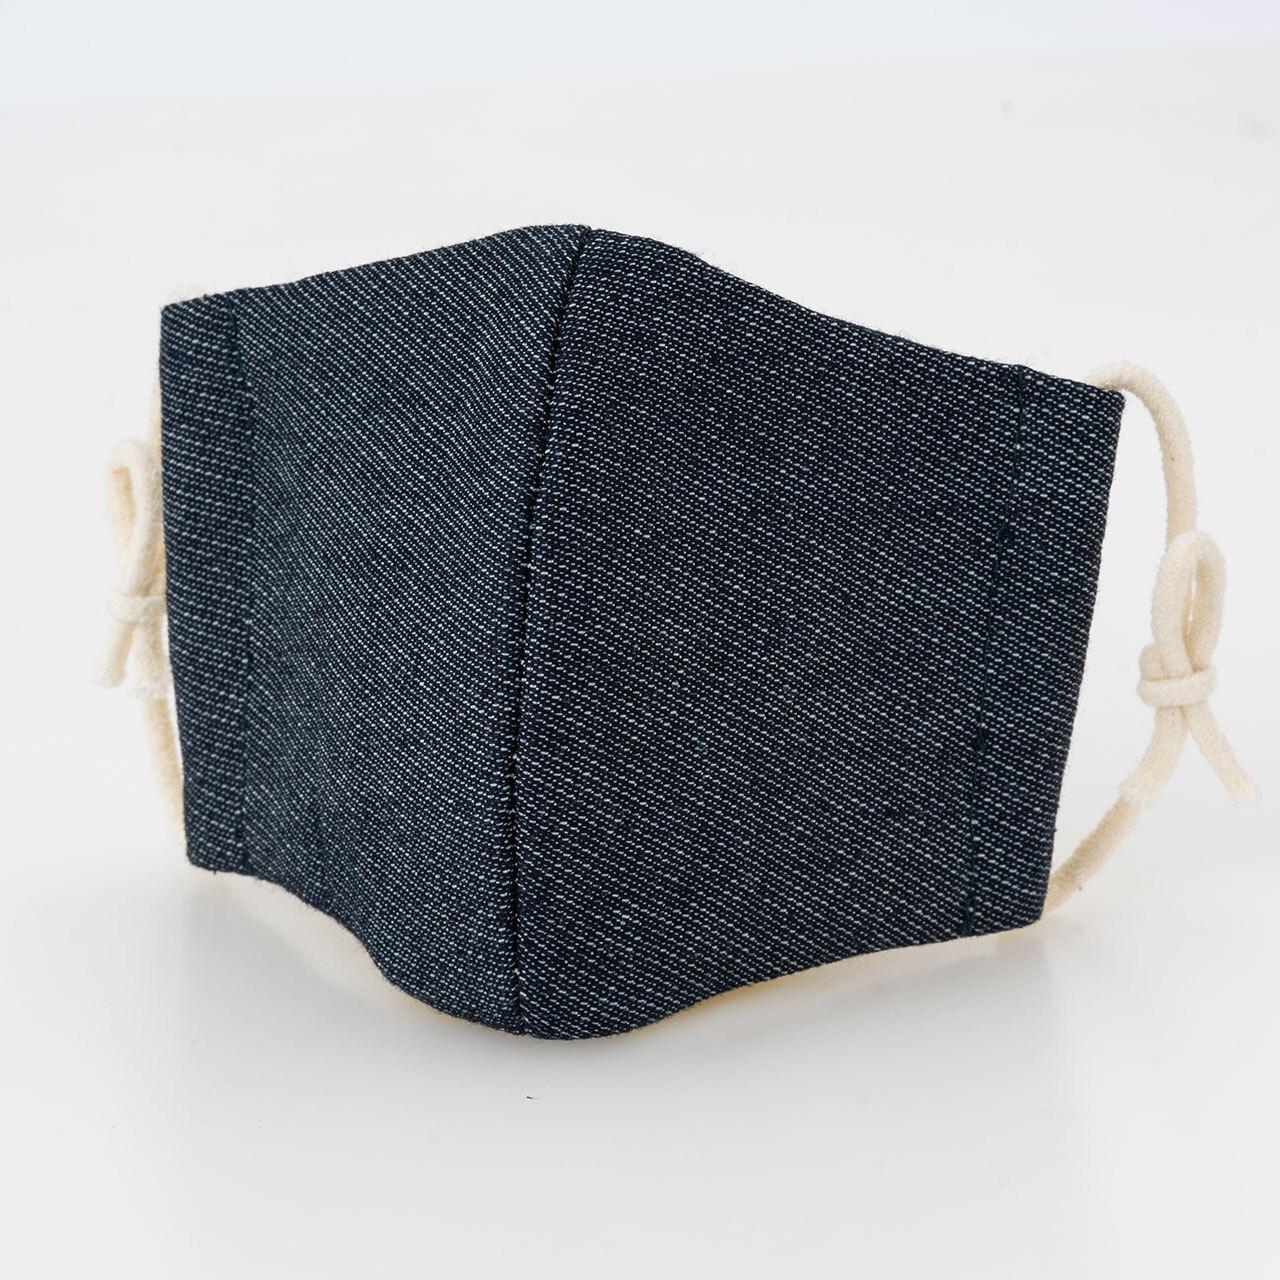 【子ども用】岡山デニムマスク ※耳掛けゴムひも2セット付(本体付属1セット+取替え用1セット)